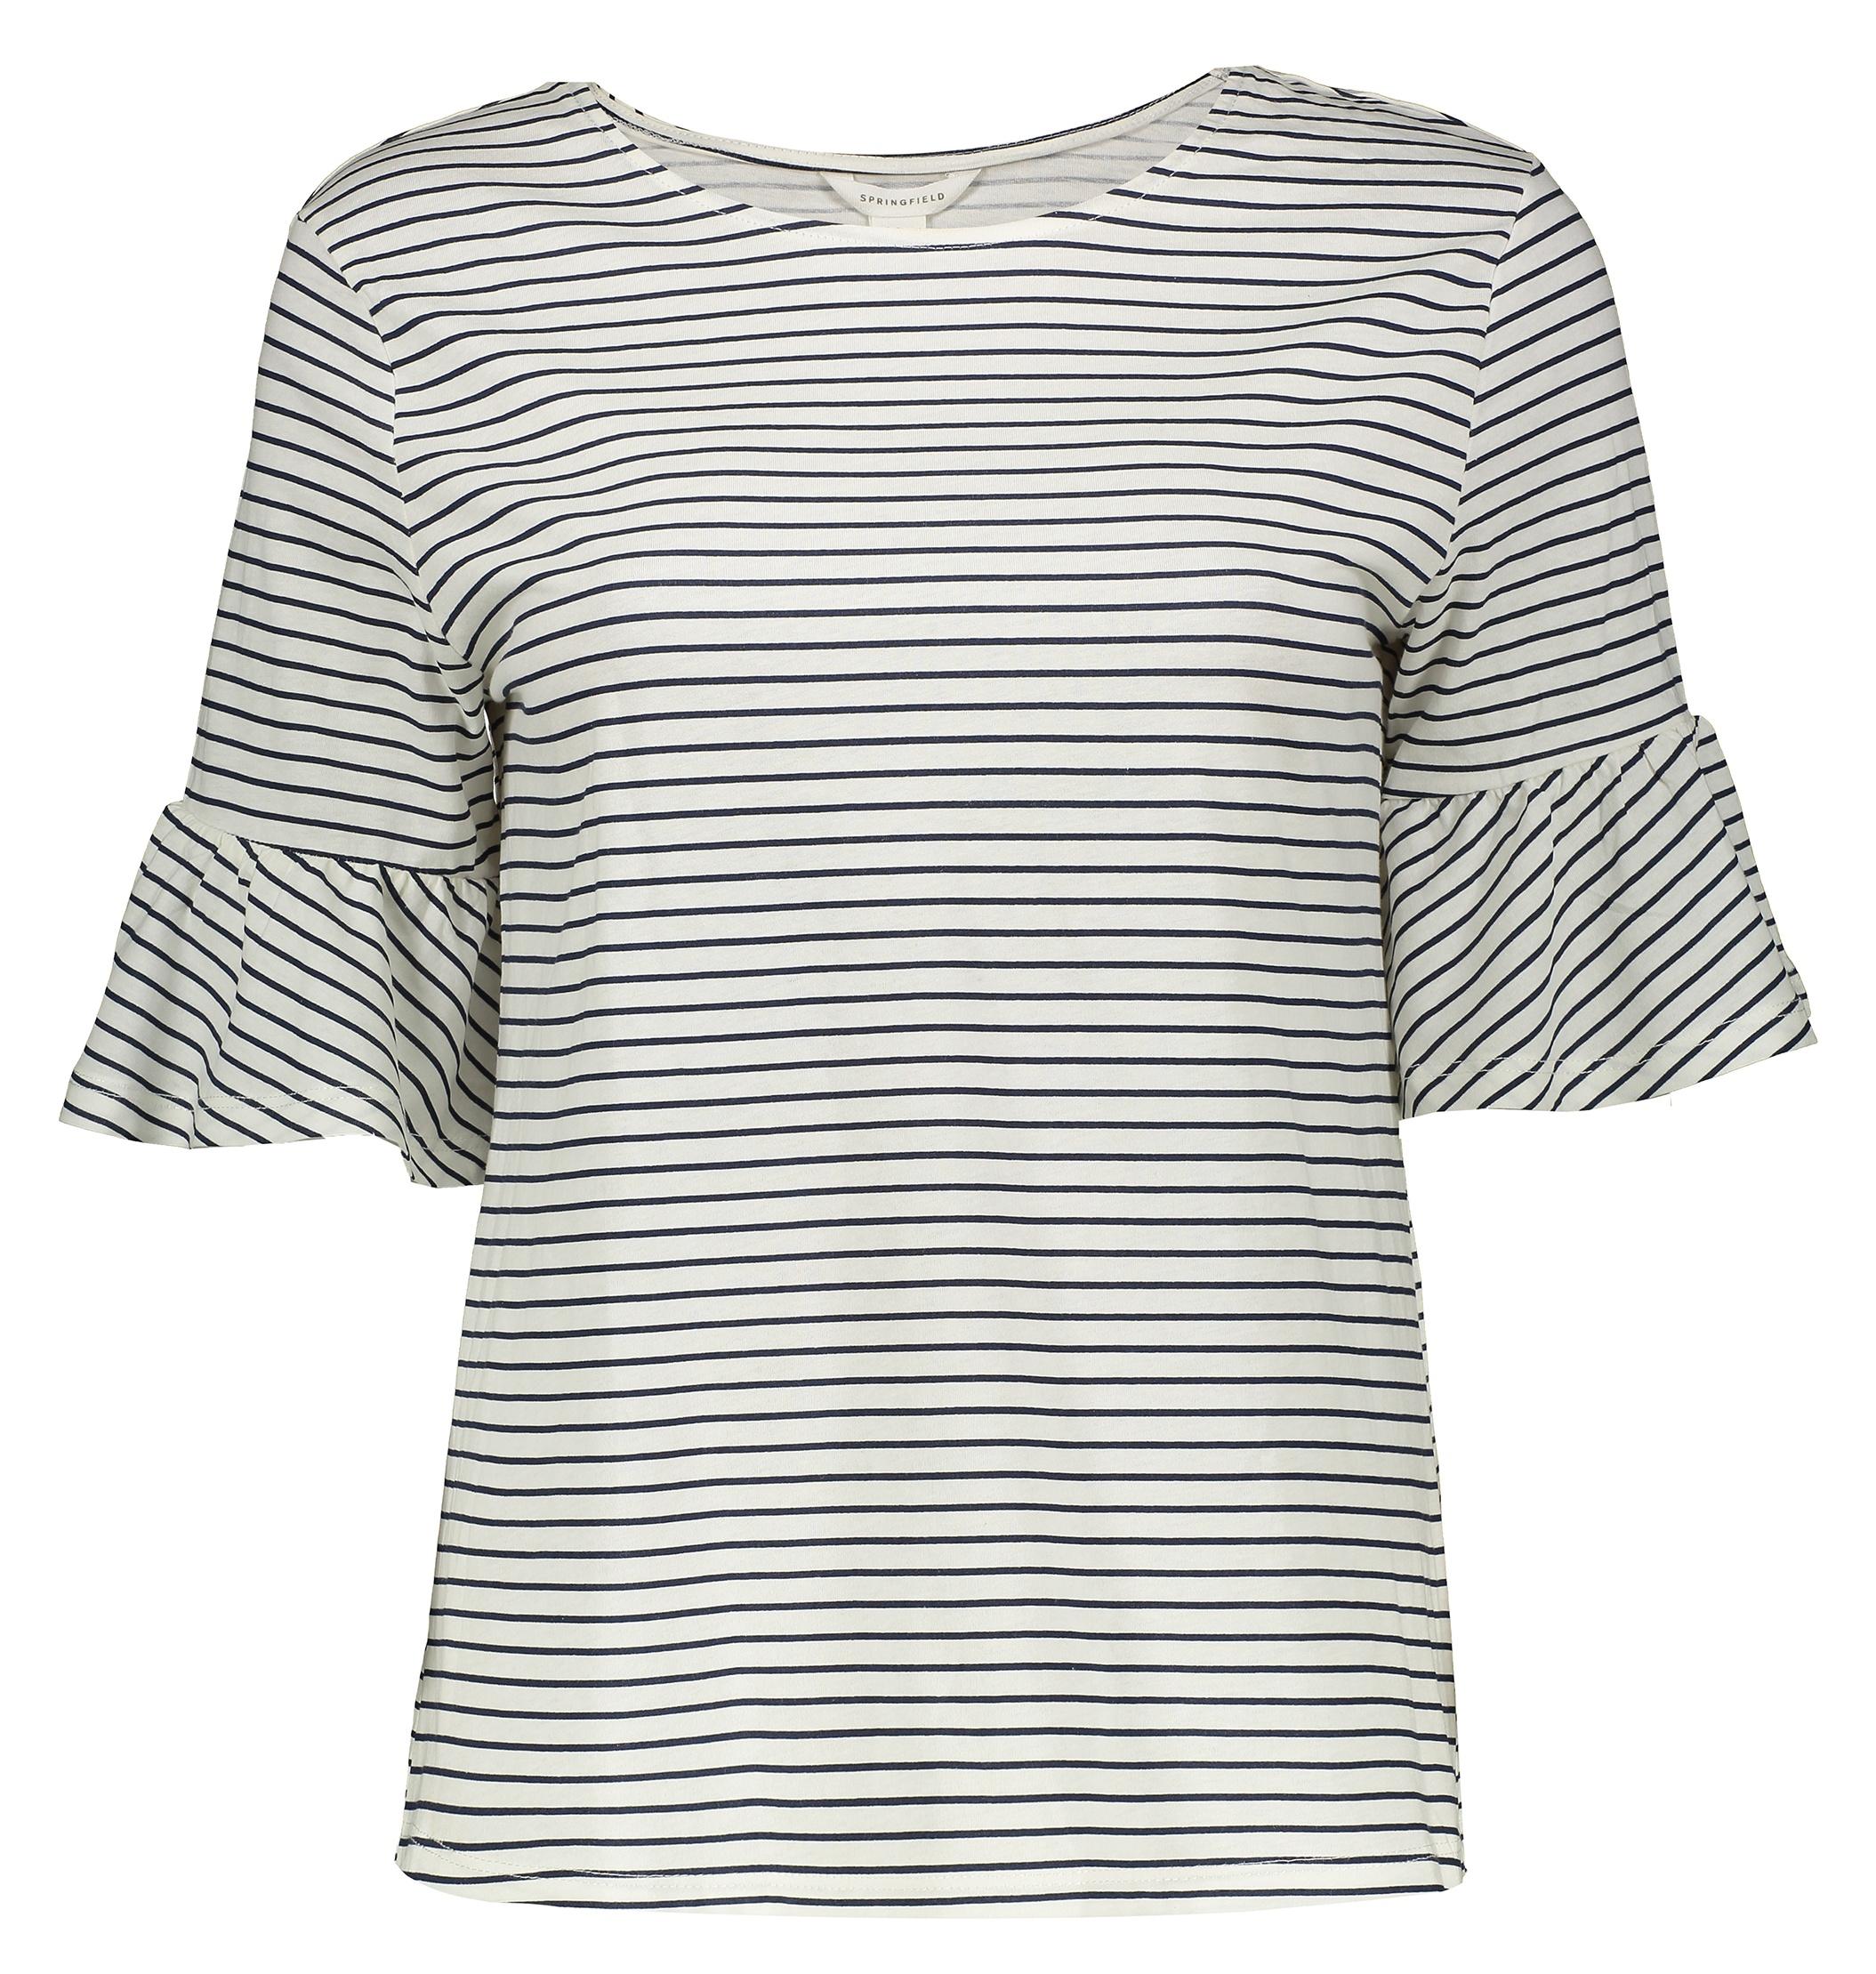 شرت زنانه اسپرینگ فیلد مدل2736098-IVORY